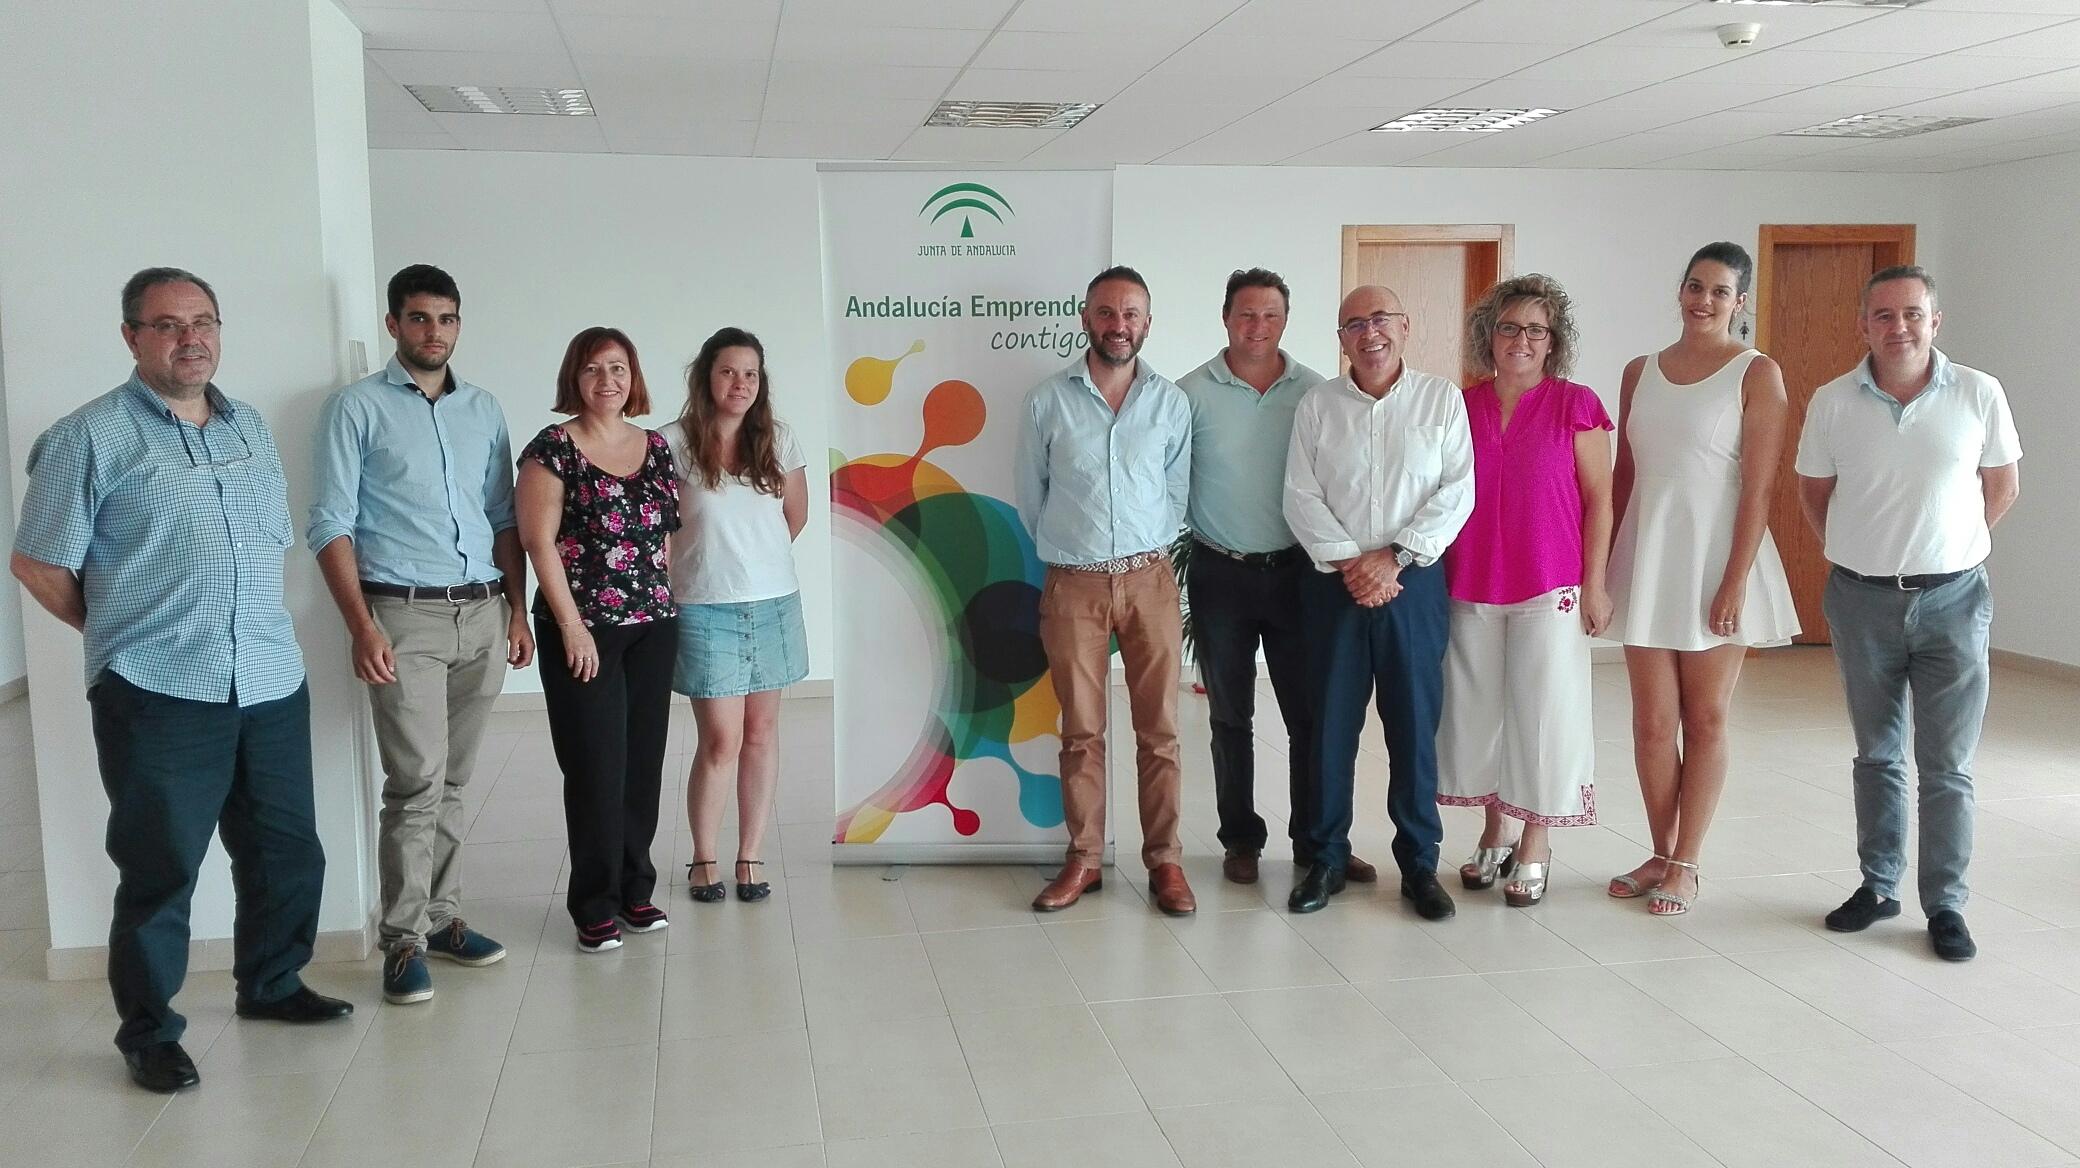 El delegado de Economía, Innovación, Ciencia y Empleo junto al coordinador provincial de Andalucía Emprende, técnicos del CADE de Almería y los nuevos emprendedores y emprendedoras alojados en sus instalaciones